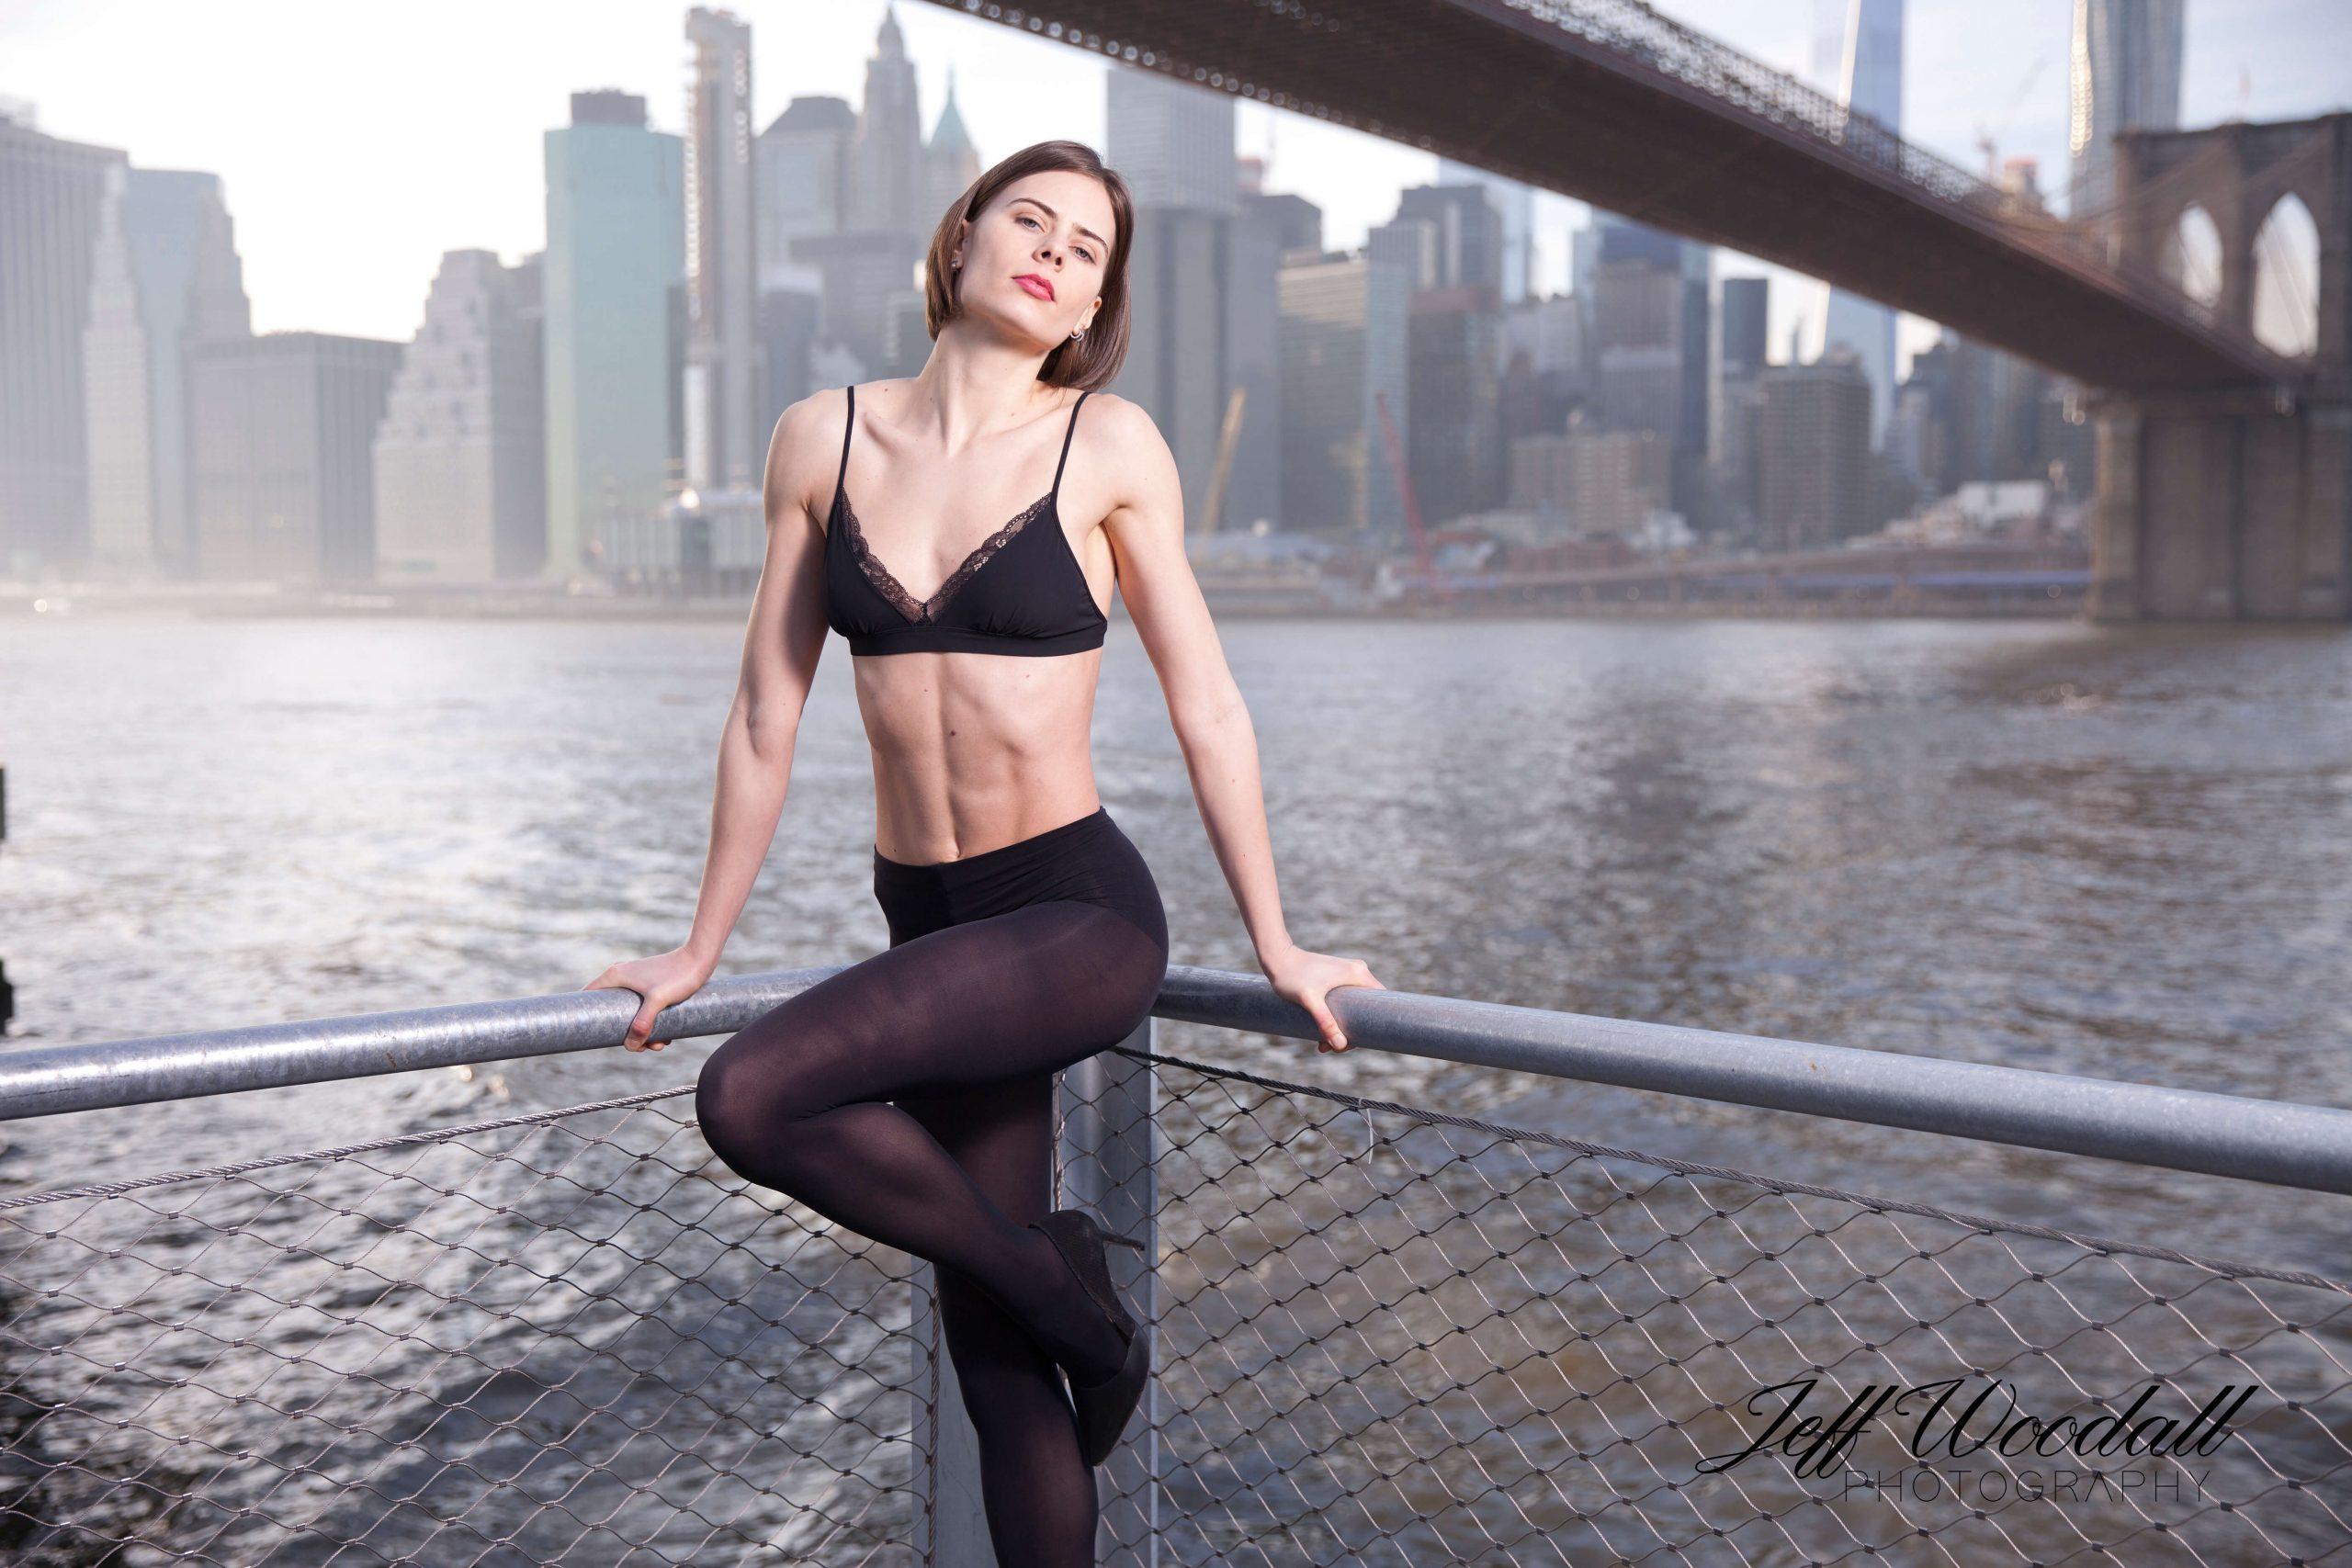 Beautiful model portrait shot in Brooklyn